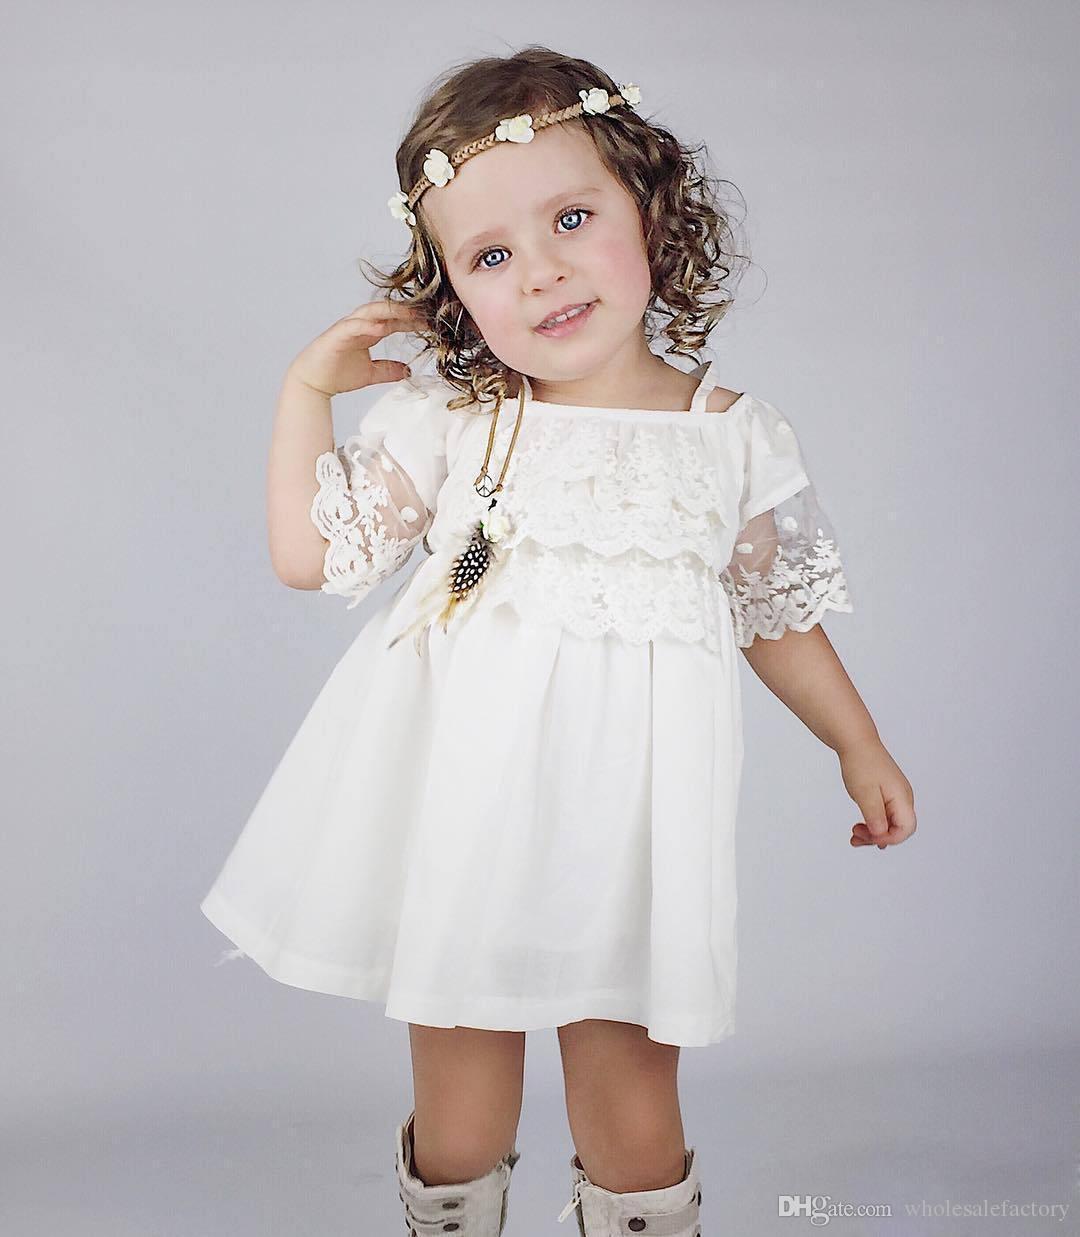 Дешевые Симпатичные Страна Цветок Девушки Платья Для Ребенка Спагетти Ремни Кружева Короткие Свадебные Платья Для Маленьких Детей Онлайн Продажа